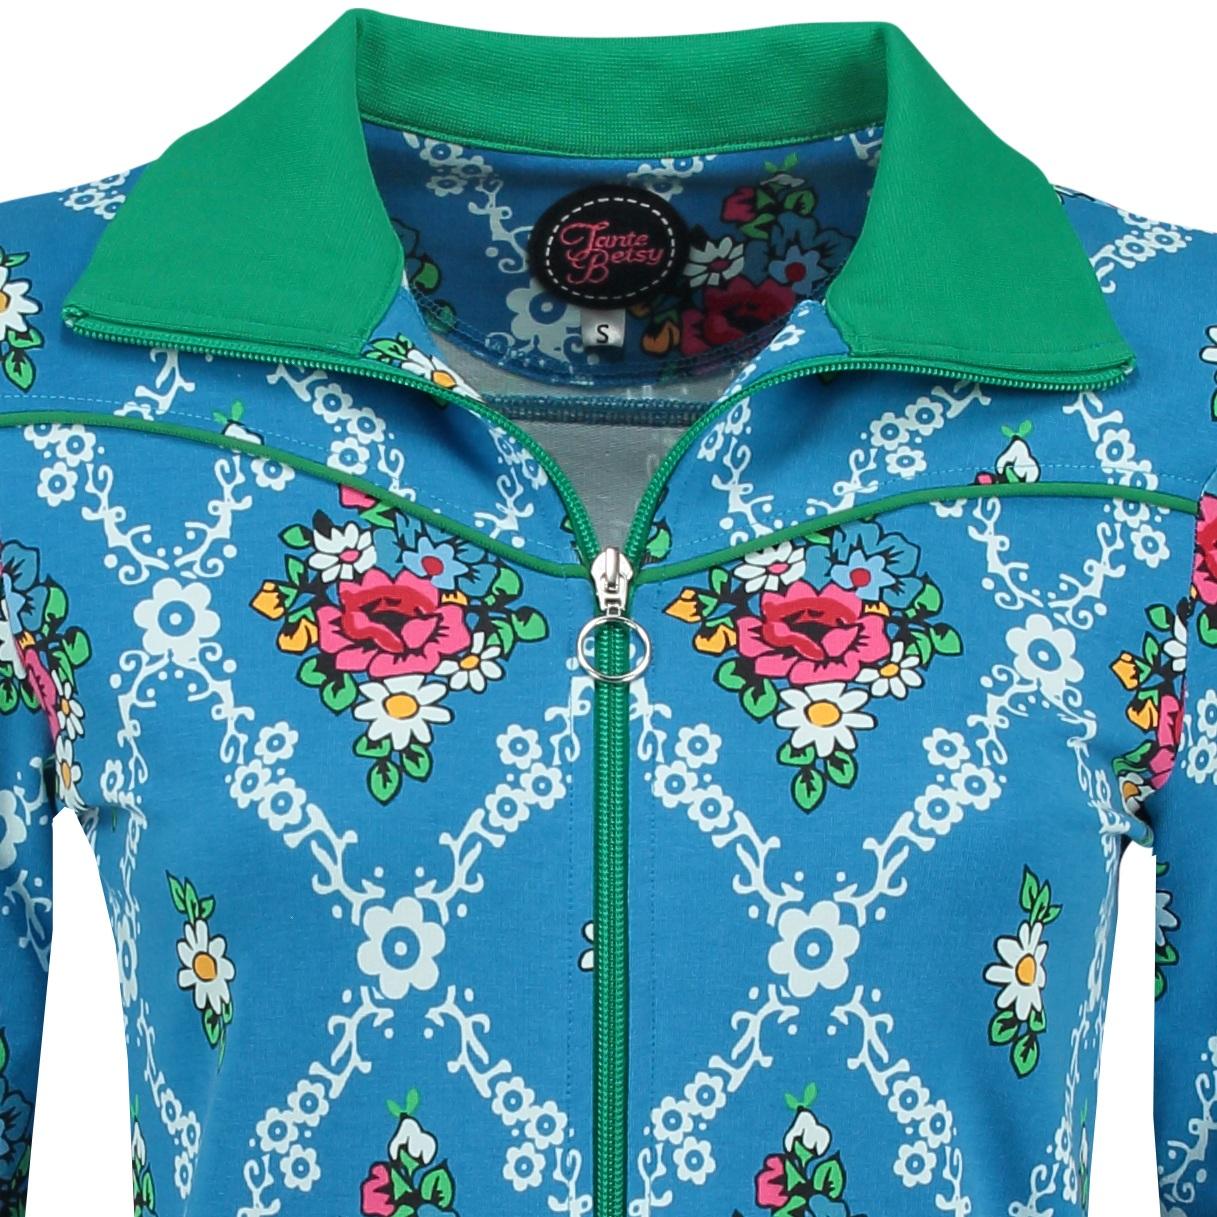 Tant Sofia-Dress Sporty Gardenia, Tante Betsy